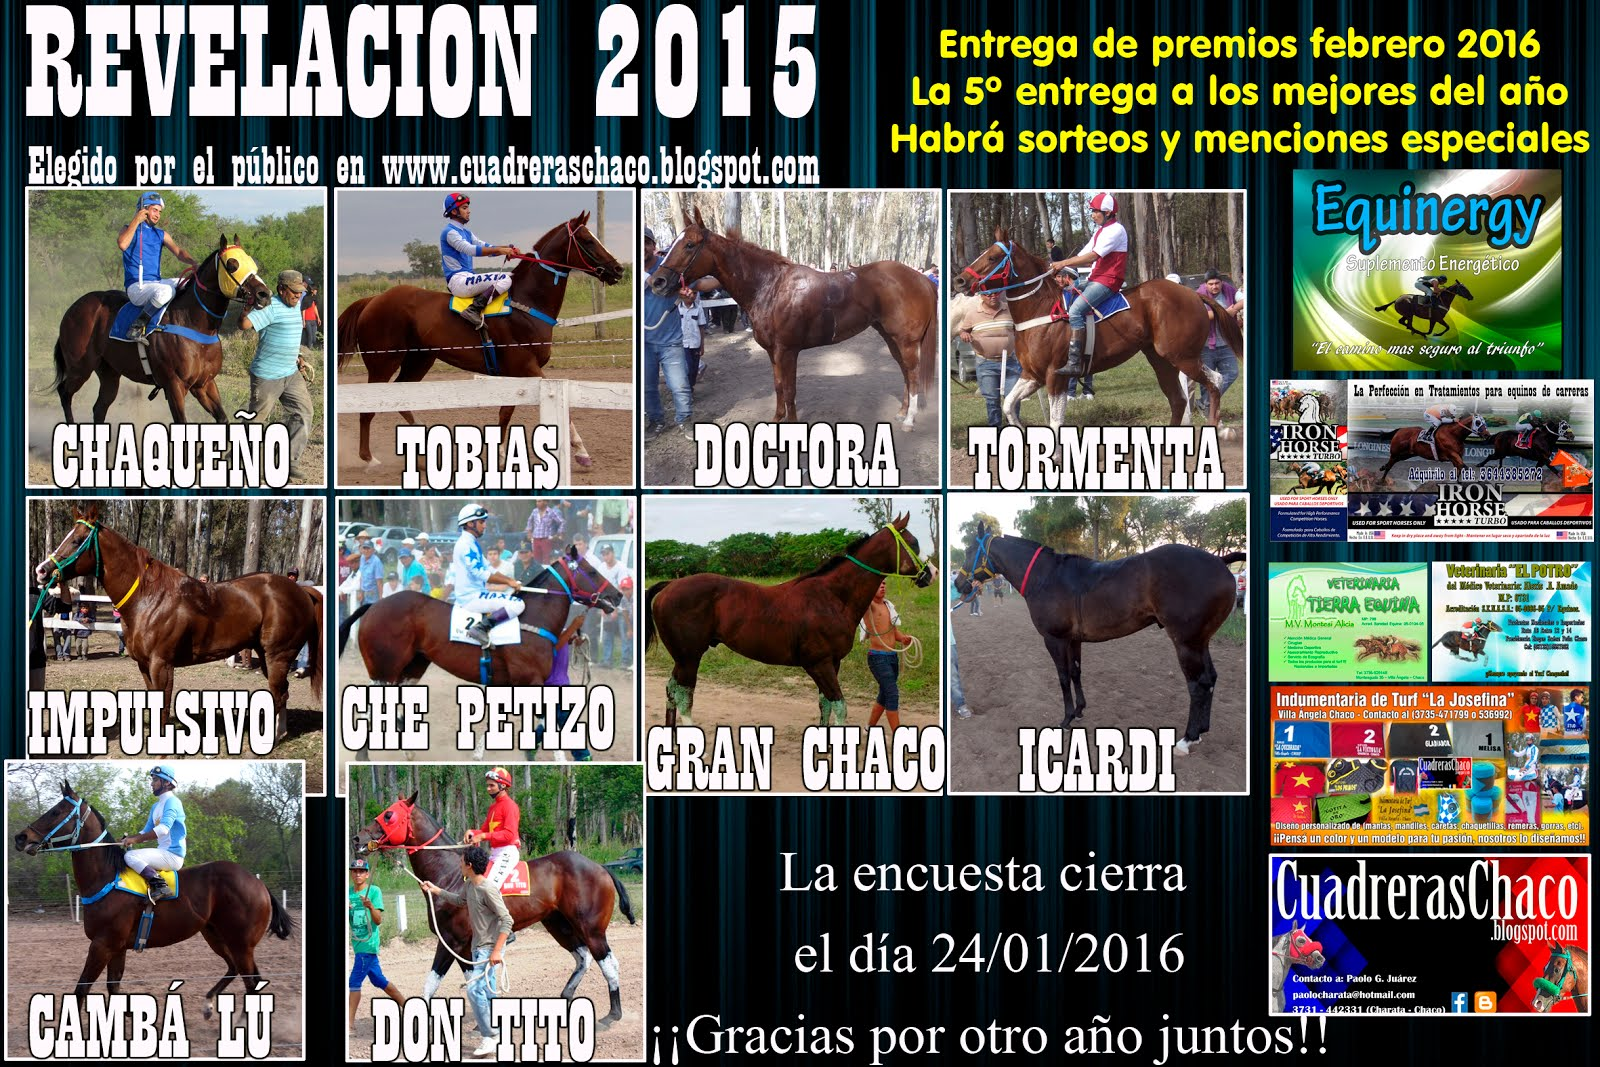 revelación 2015 4-1-16